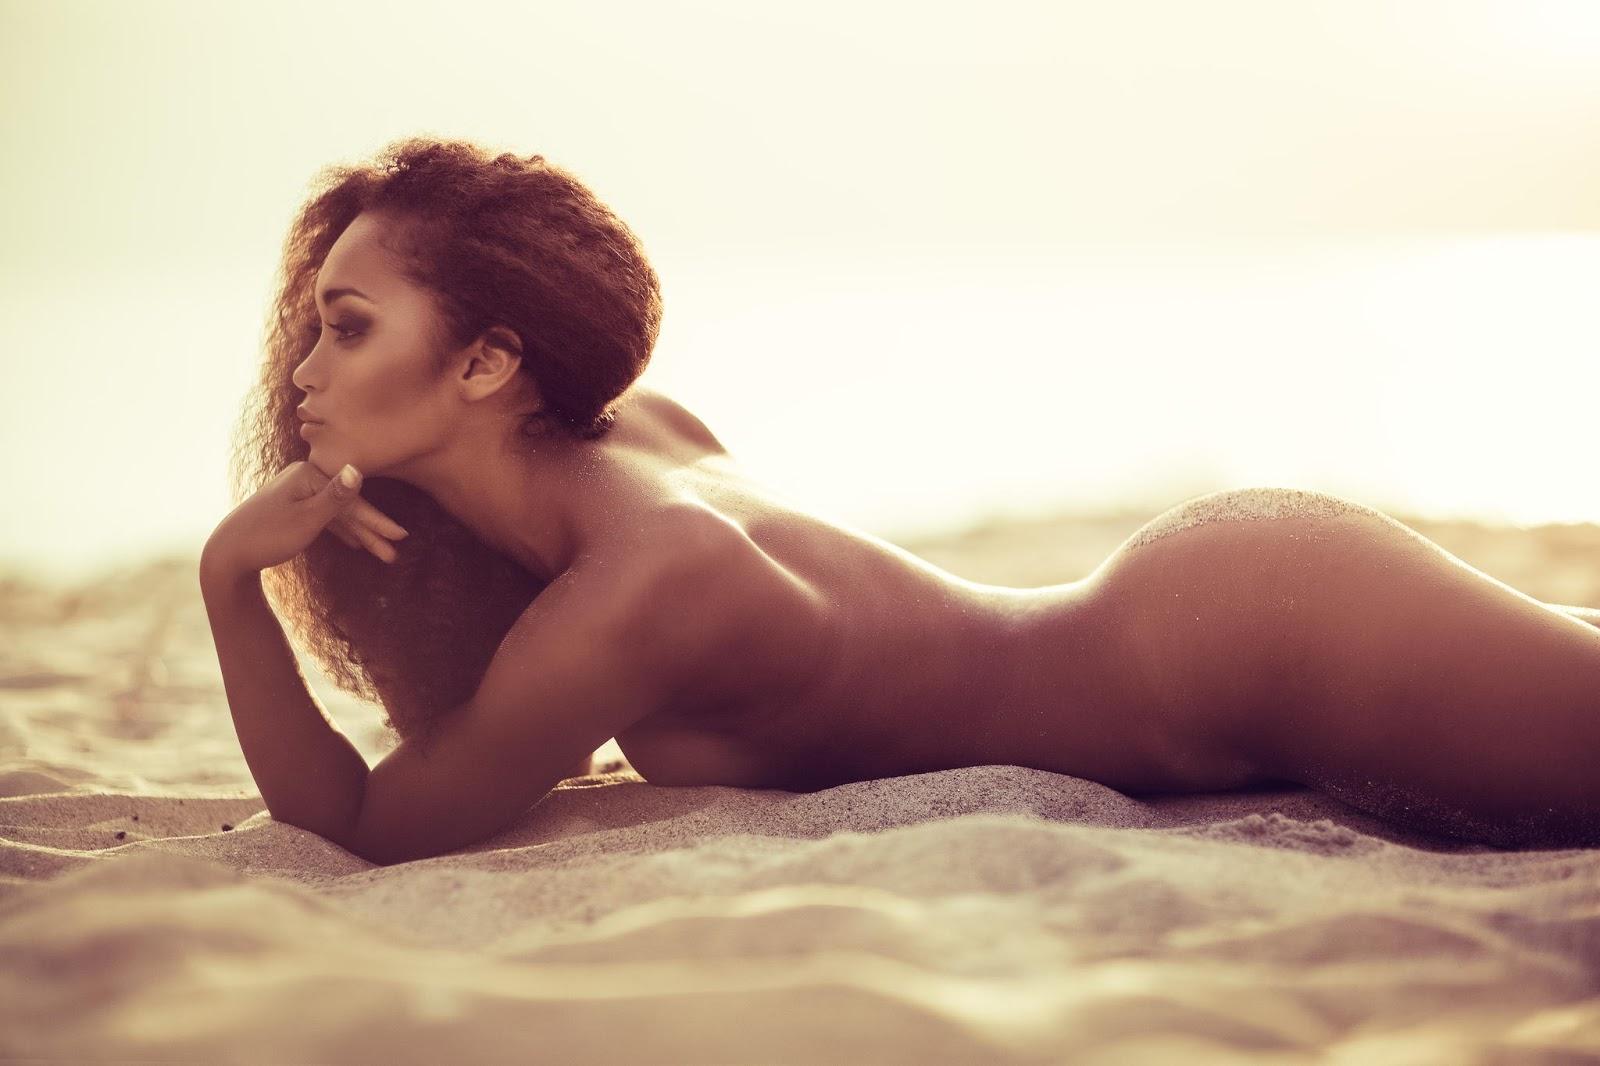 erotika-krasavitsi-golie-znamenitosti-smotret-foto